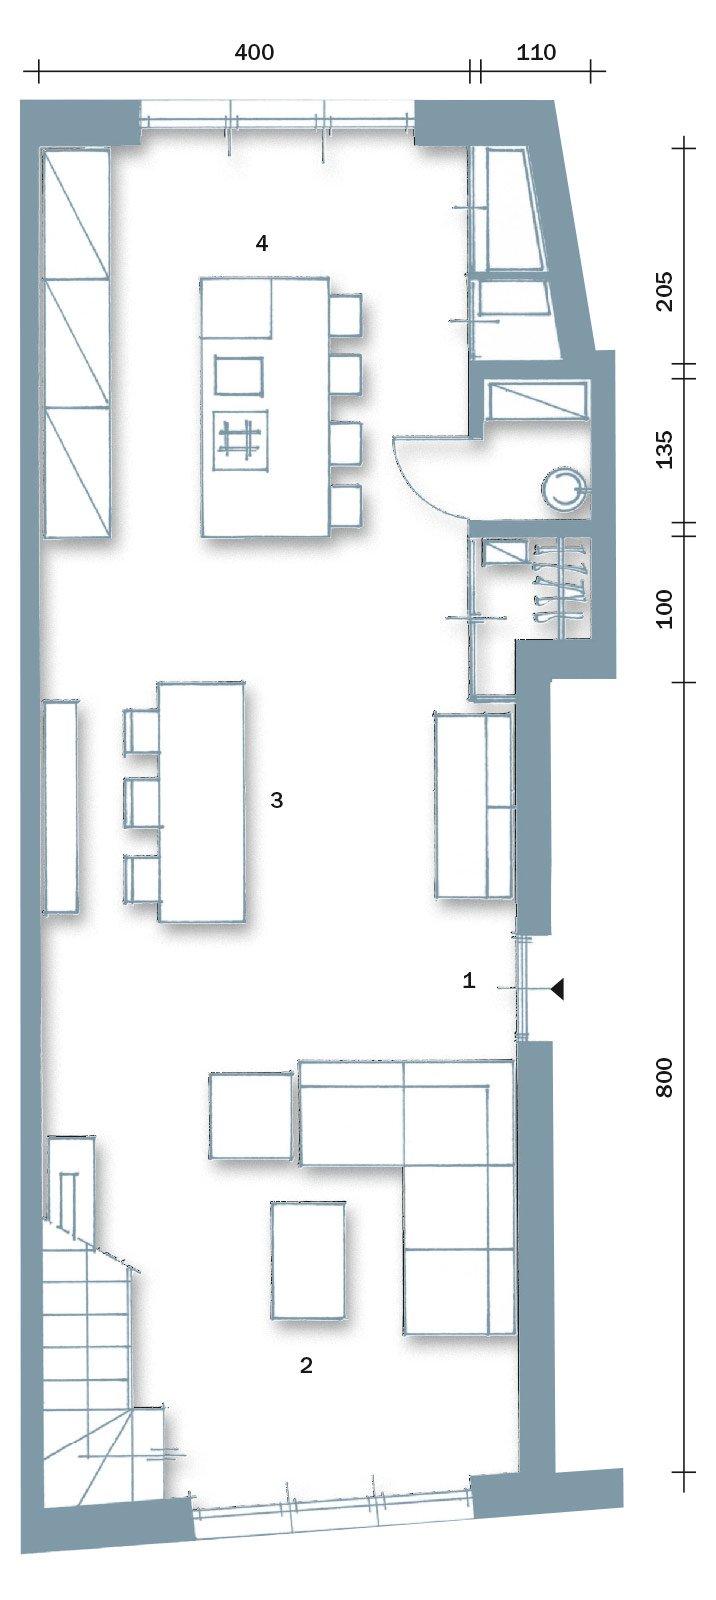 60 50 mq una casa con elementi a scomparsa cose di casa for Fare una pianta della casa